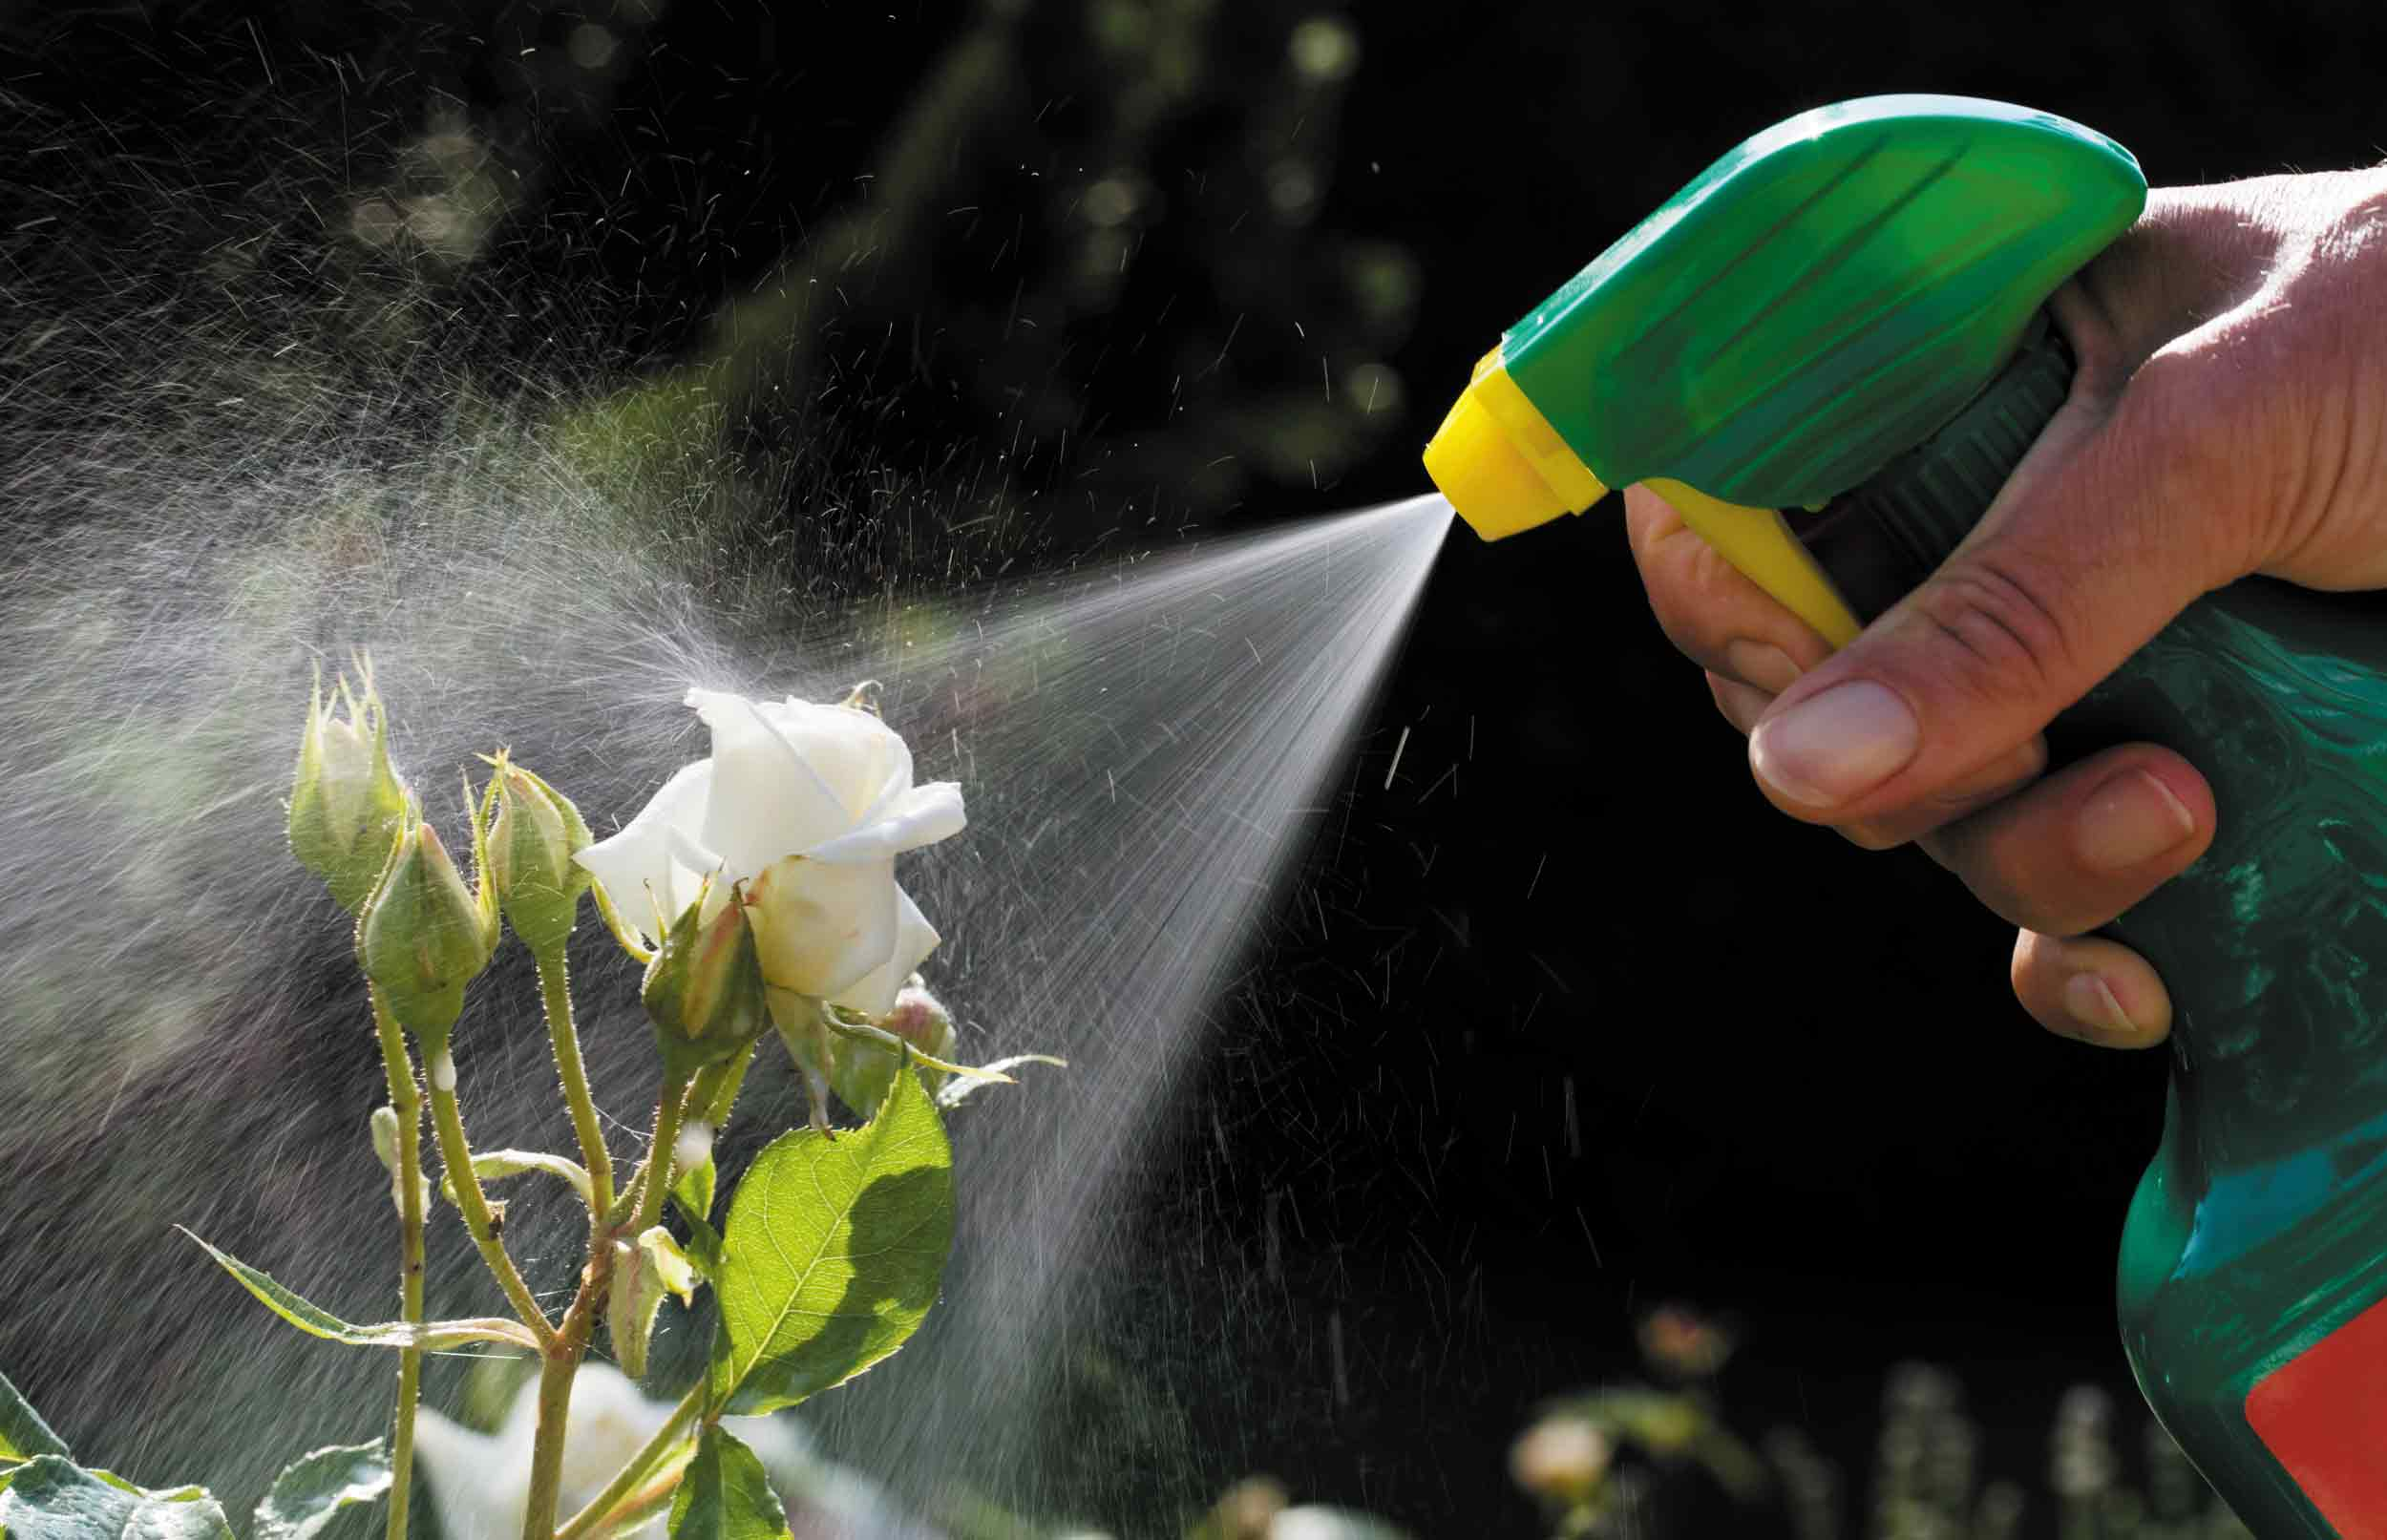 Sprøjtegift til haven kan virke kræftfremkaldende